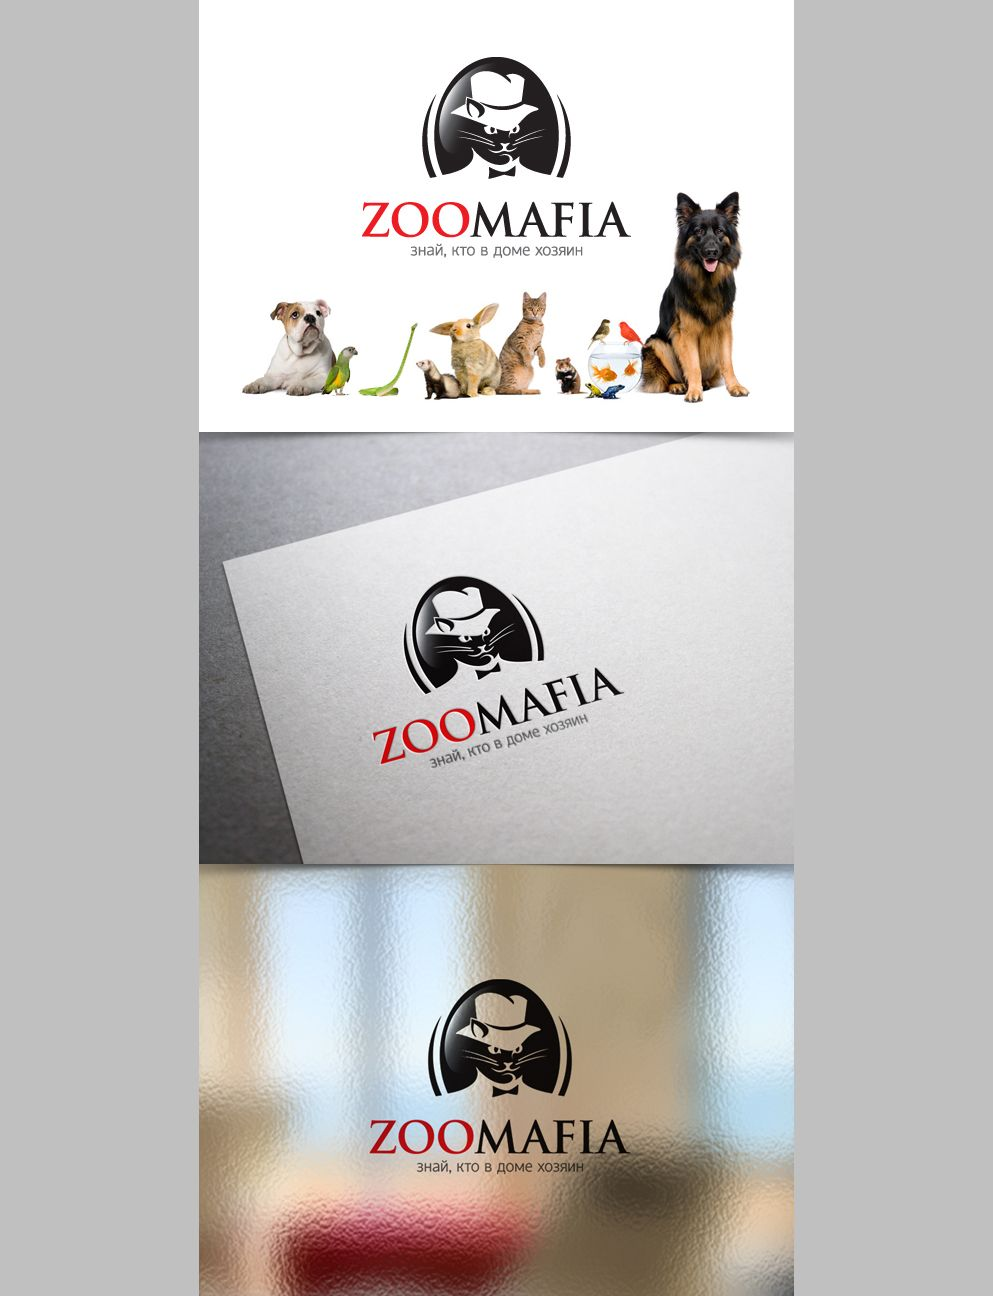 Логотип для интернет магазина зоотоваров - дизайнер irina-july2